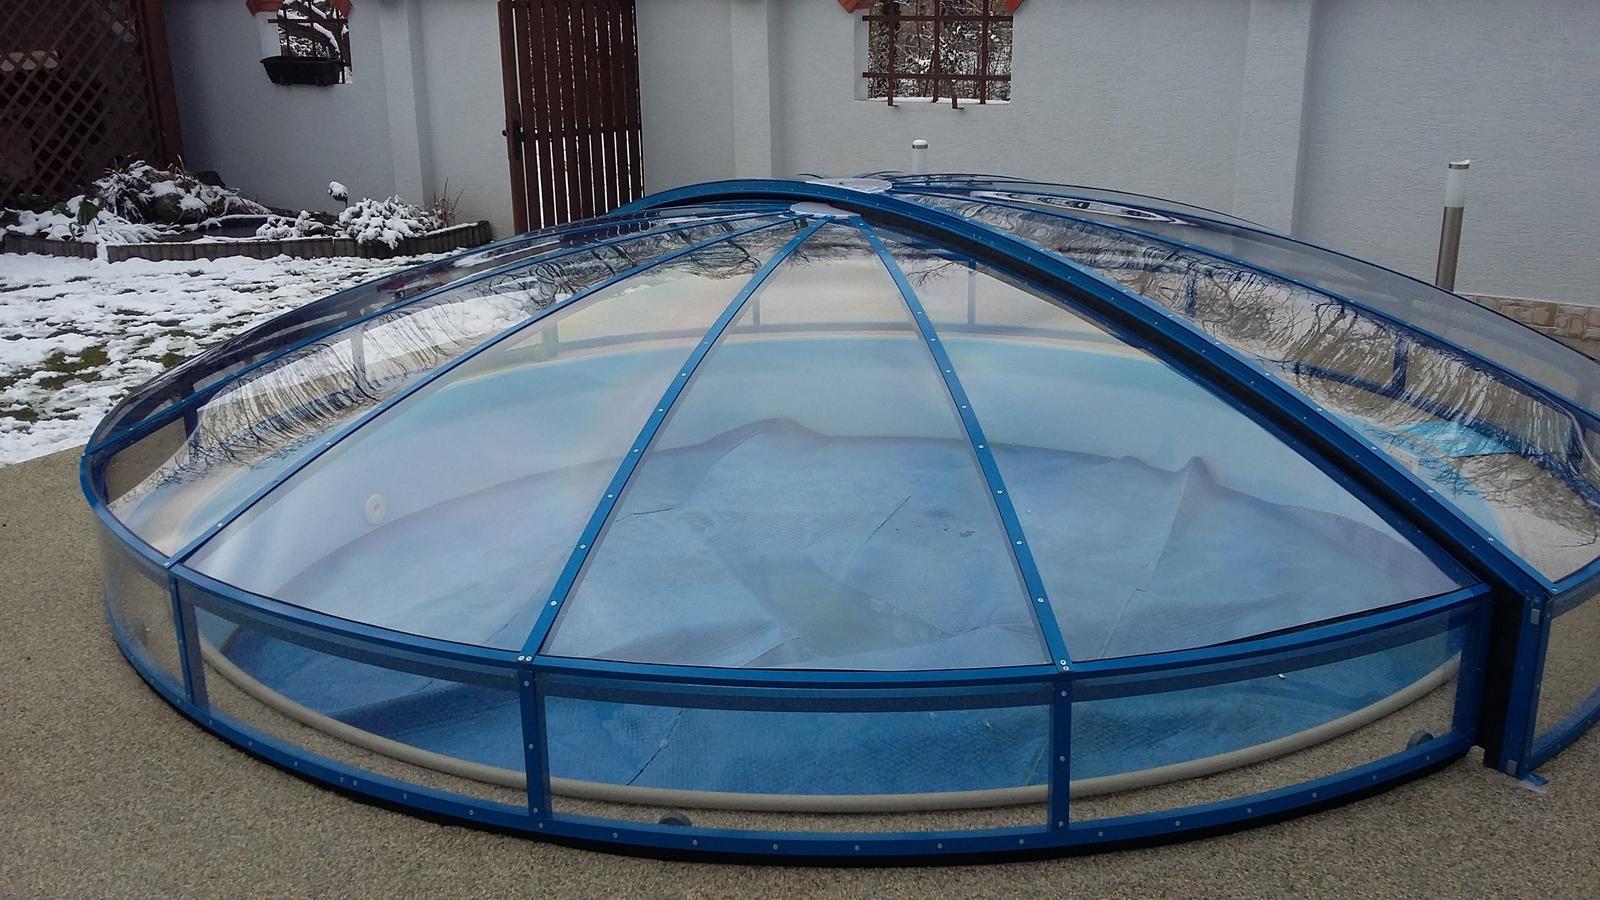 Prekrytie kruhového bazéna - Obrázok č. 1